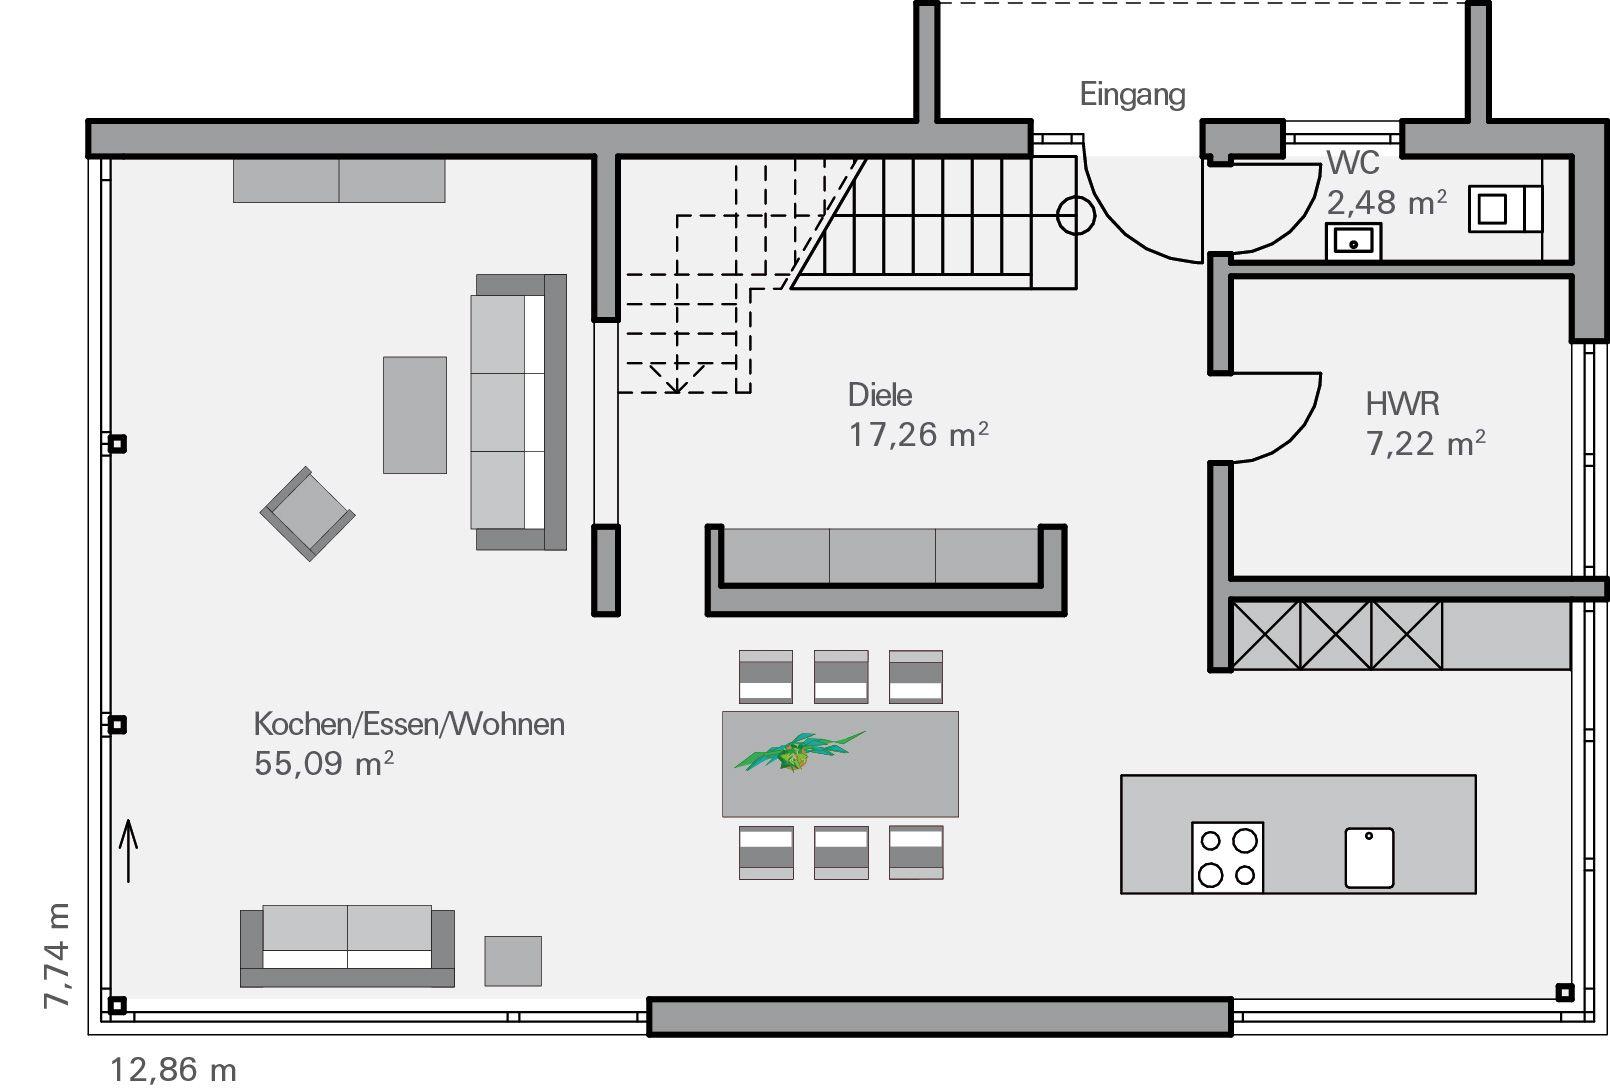 grundriss eg immel grundrisse pinterest grundrisse magazin und h uschen grundrisse. Black Bedroom Furniture Sets. Home Design Ideas